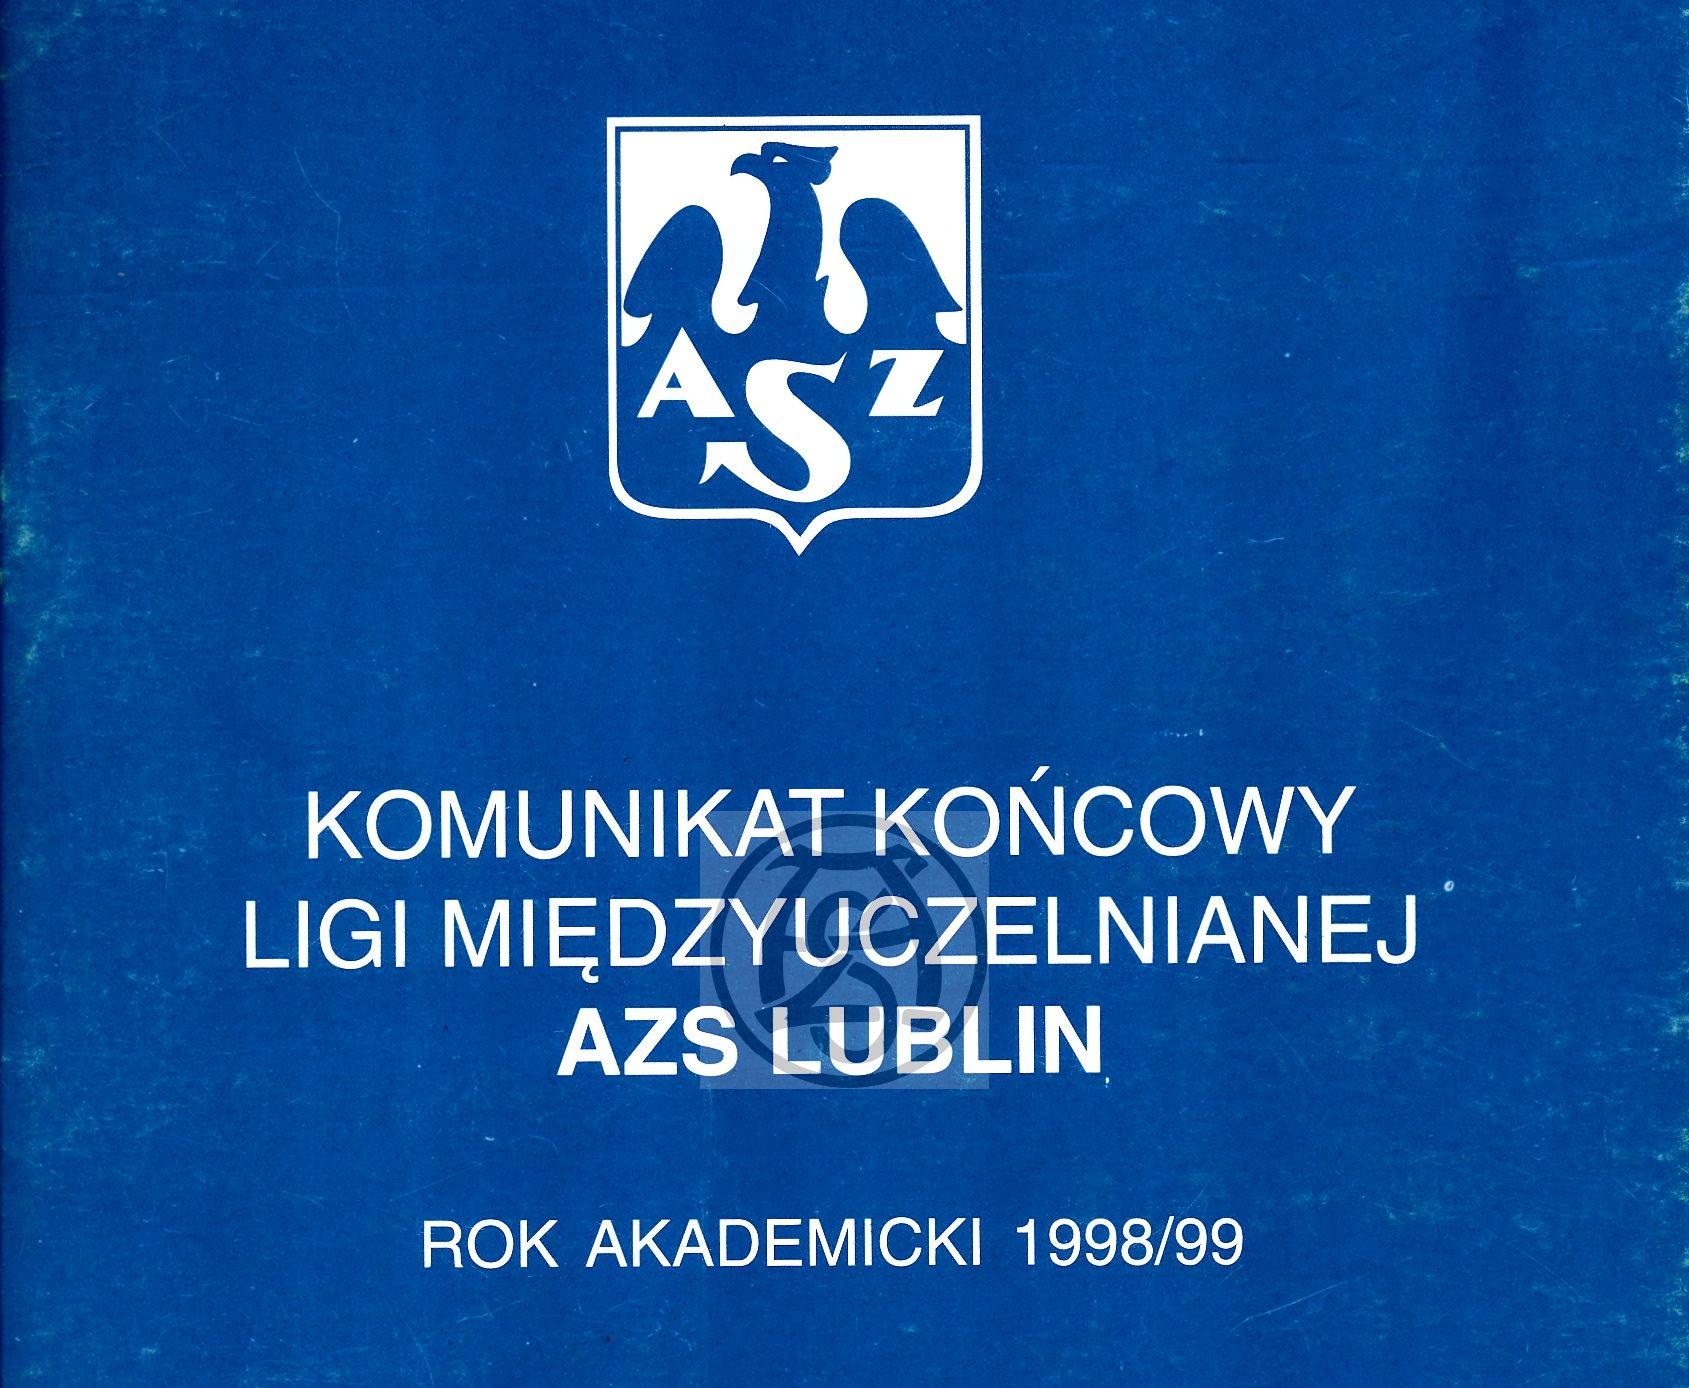 """Z archiwum Centrum Historii Sportu: """"Komunikat końcowy Ligi Międzyuczelnianej AZS Lublin 1998/1999"""""""